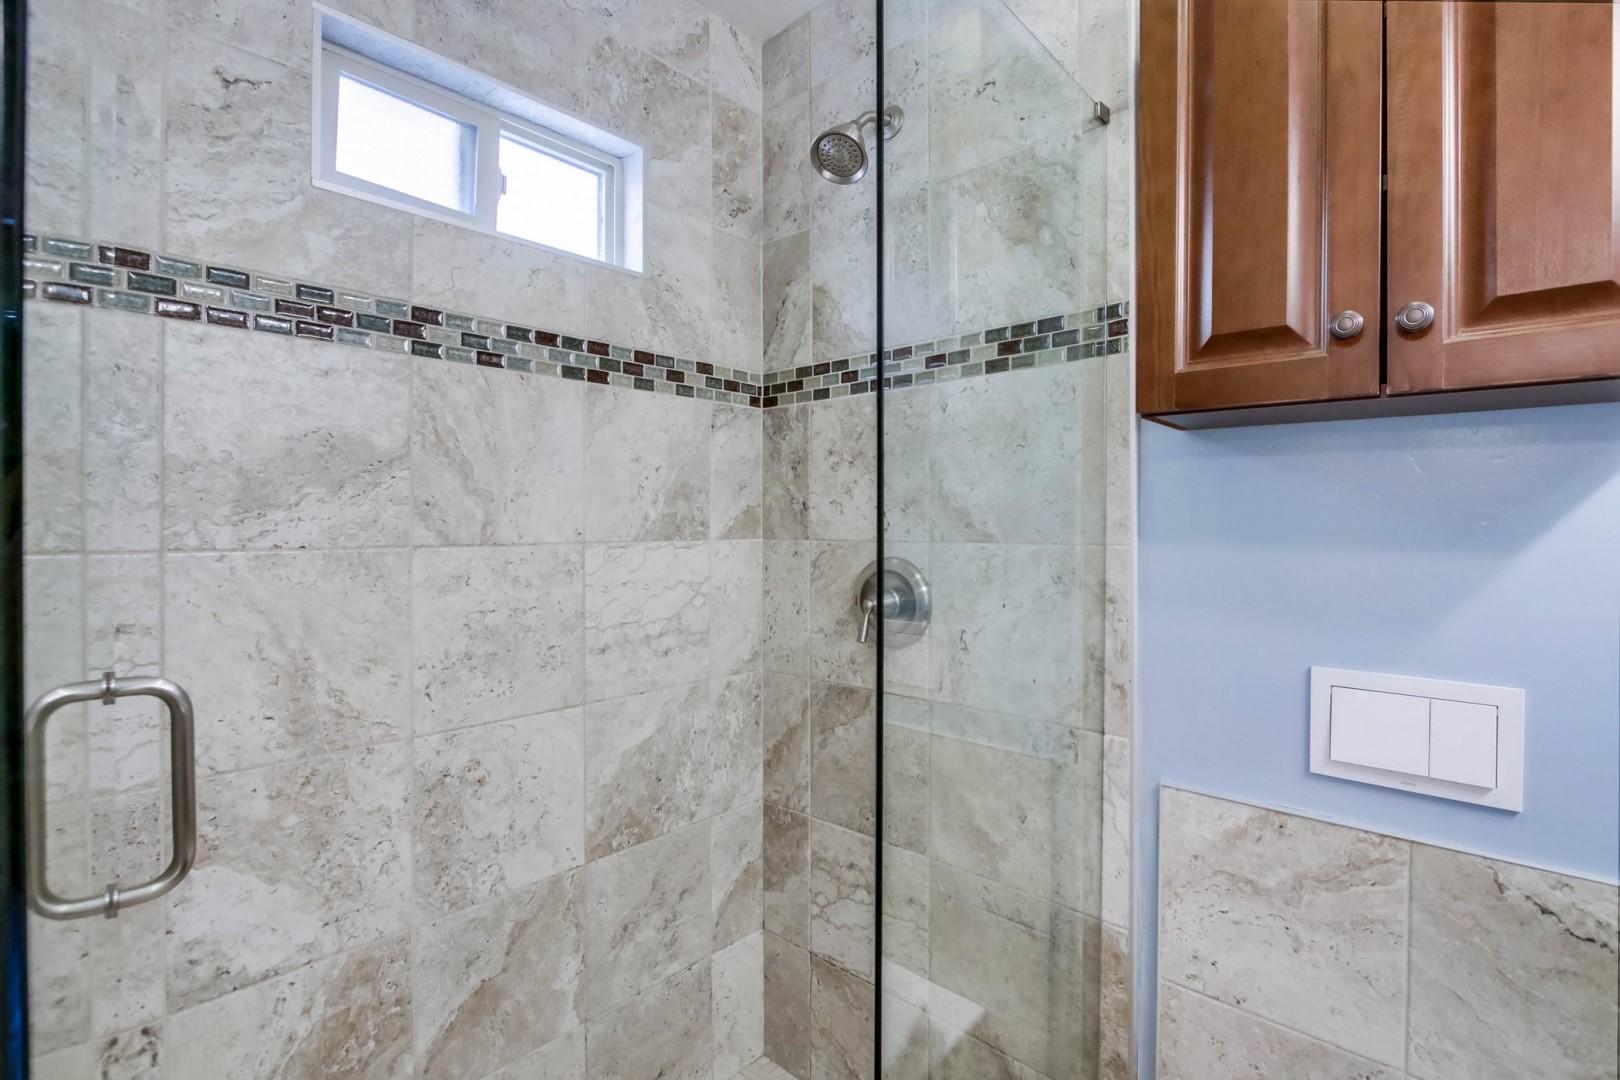 Bedroom 2 walk-in shower